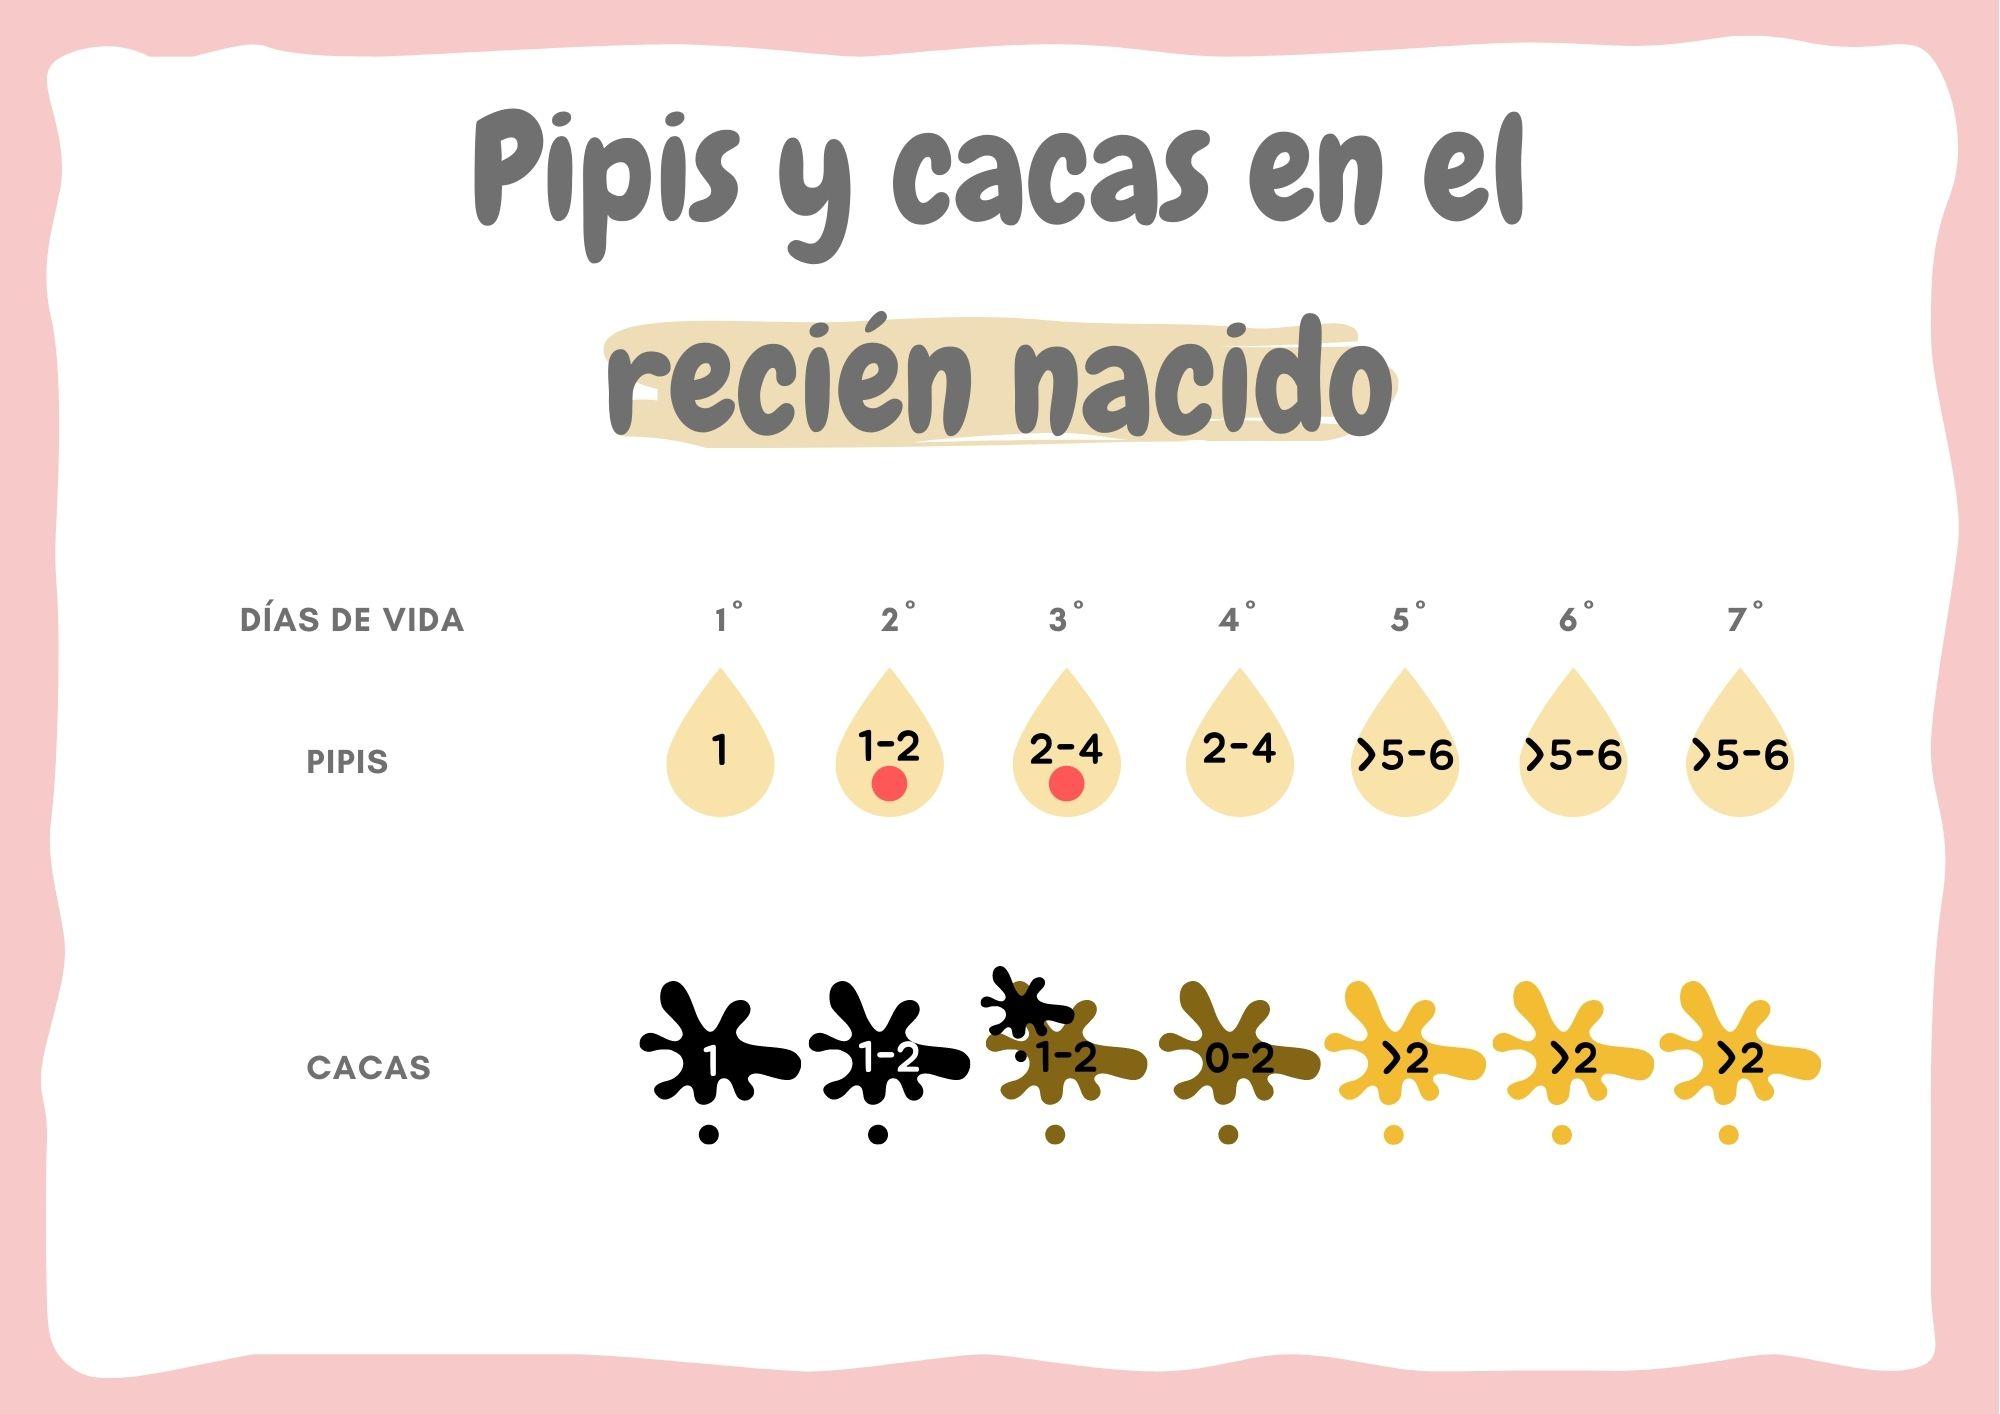 PIPIS Y CACAS EN EL RECIÉN NACIDO